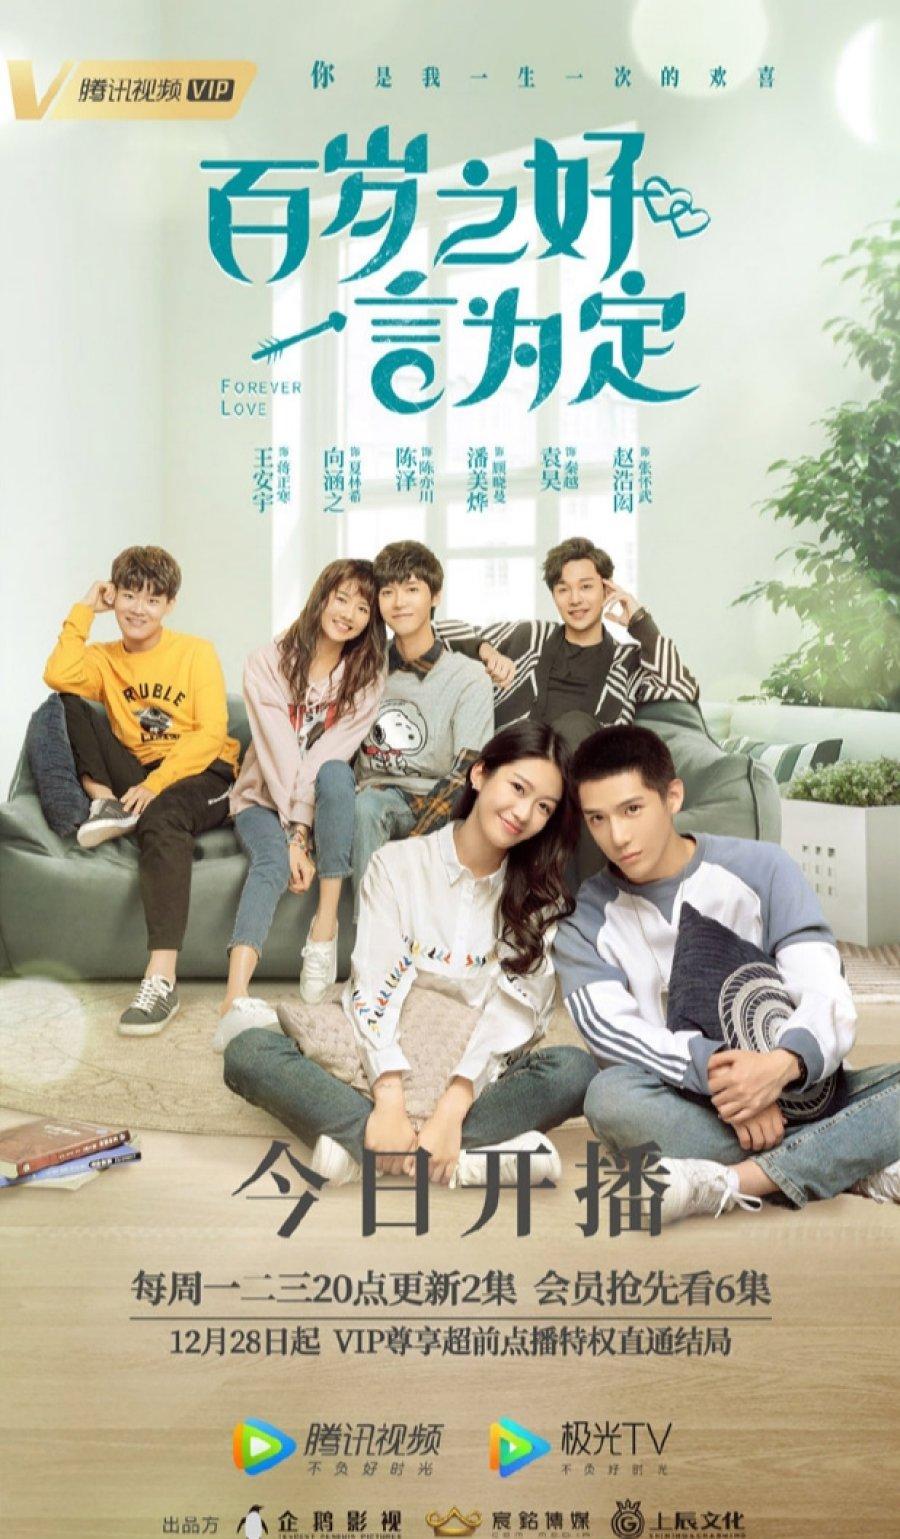 rXk5E 4f - Любовь навсегда ✦ 2020 ✦ Китай